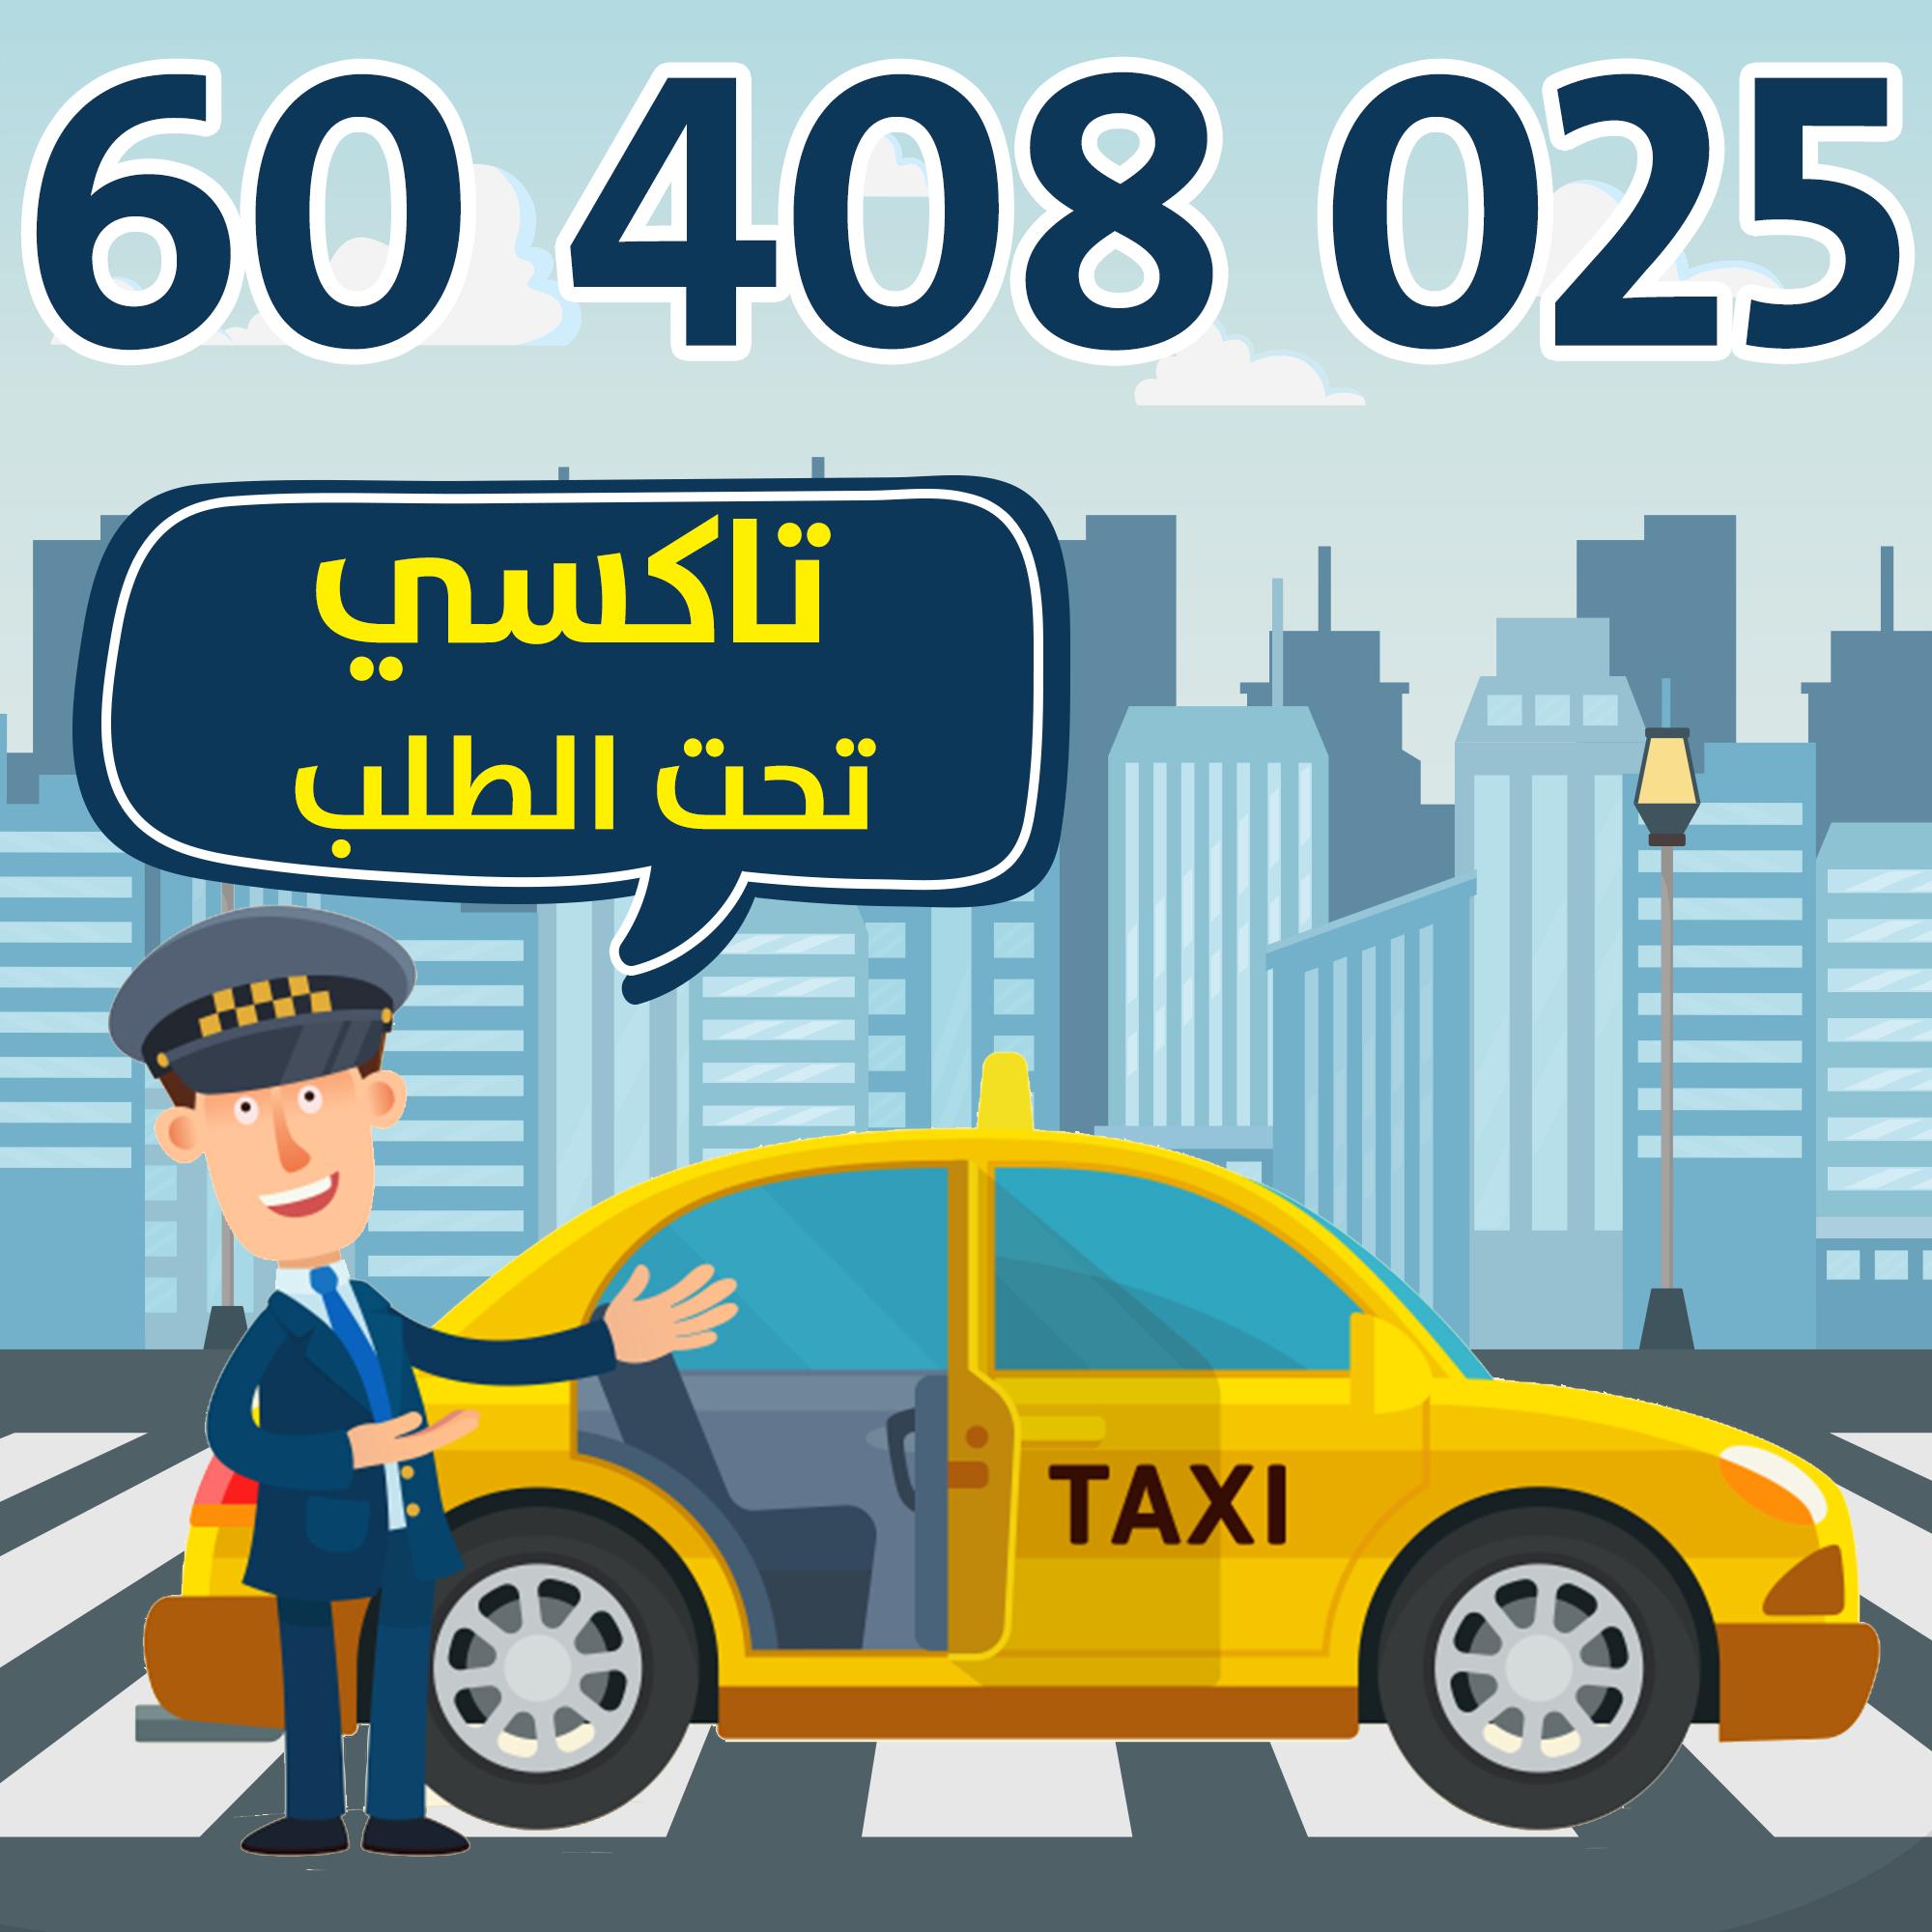 تاكسي توصيلة في شارع ضويحي بن رميح